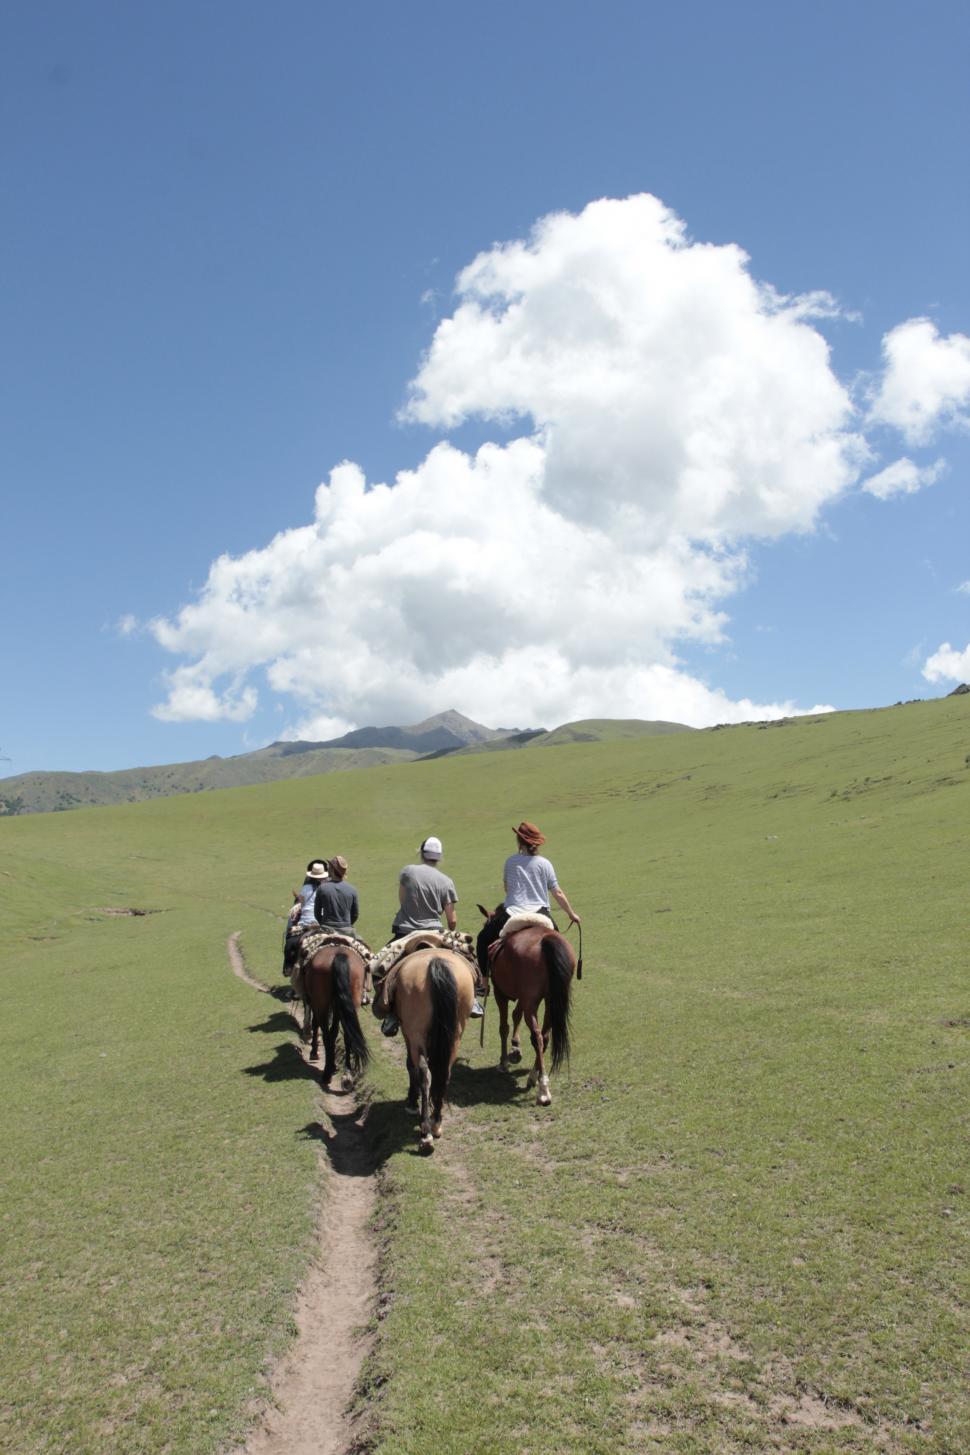 Una excursión que promete felicidad - La Gaceta Tucumán